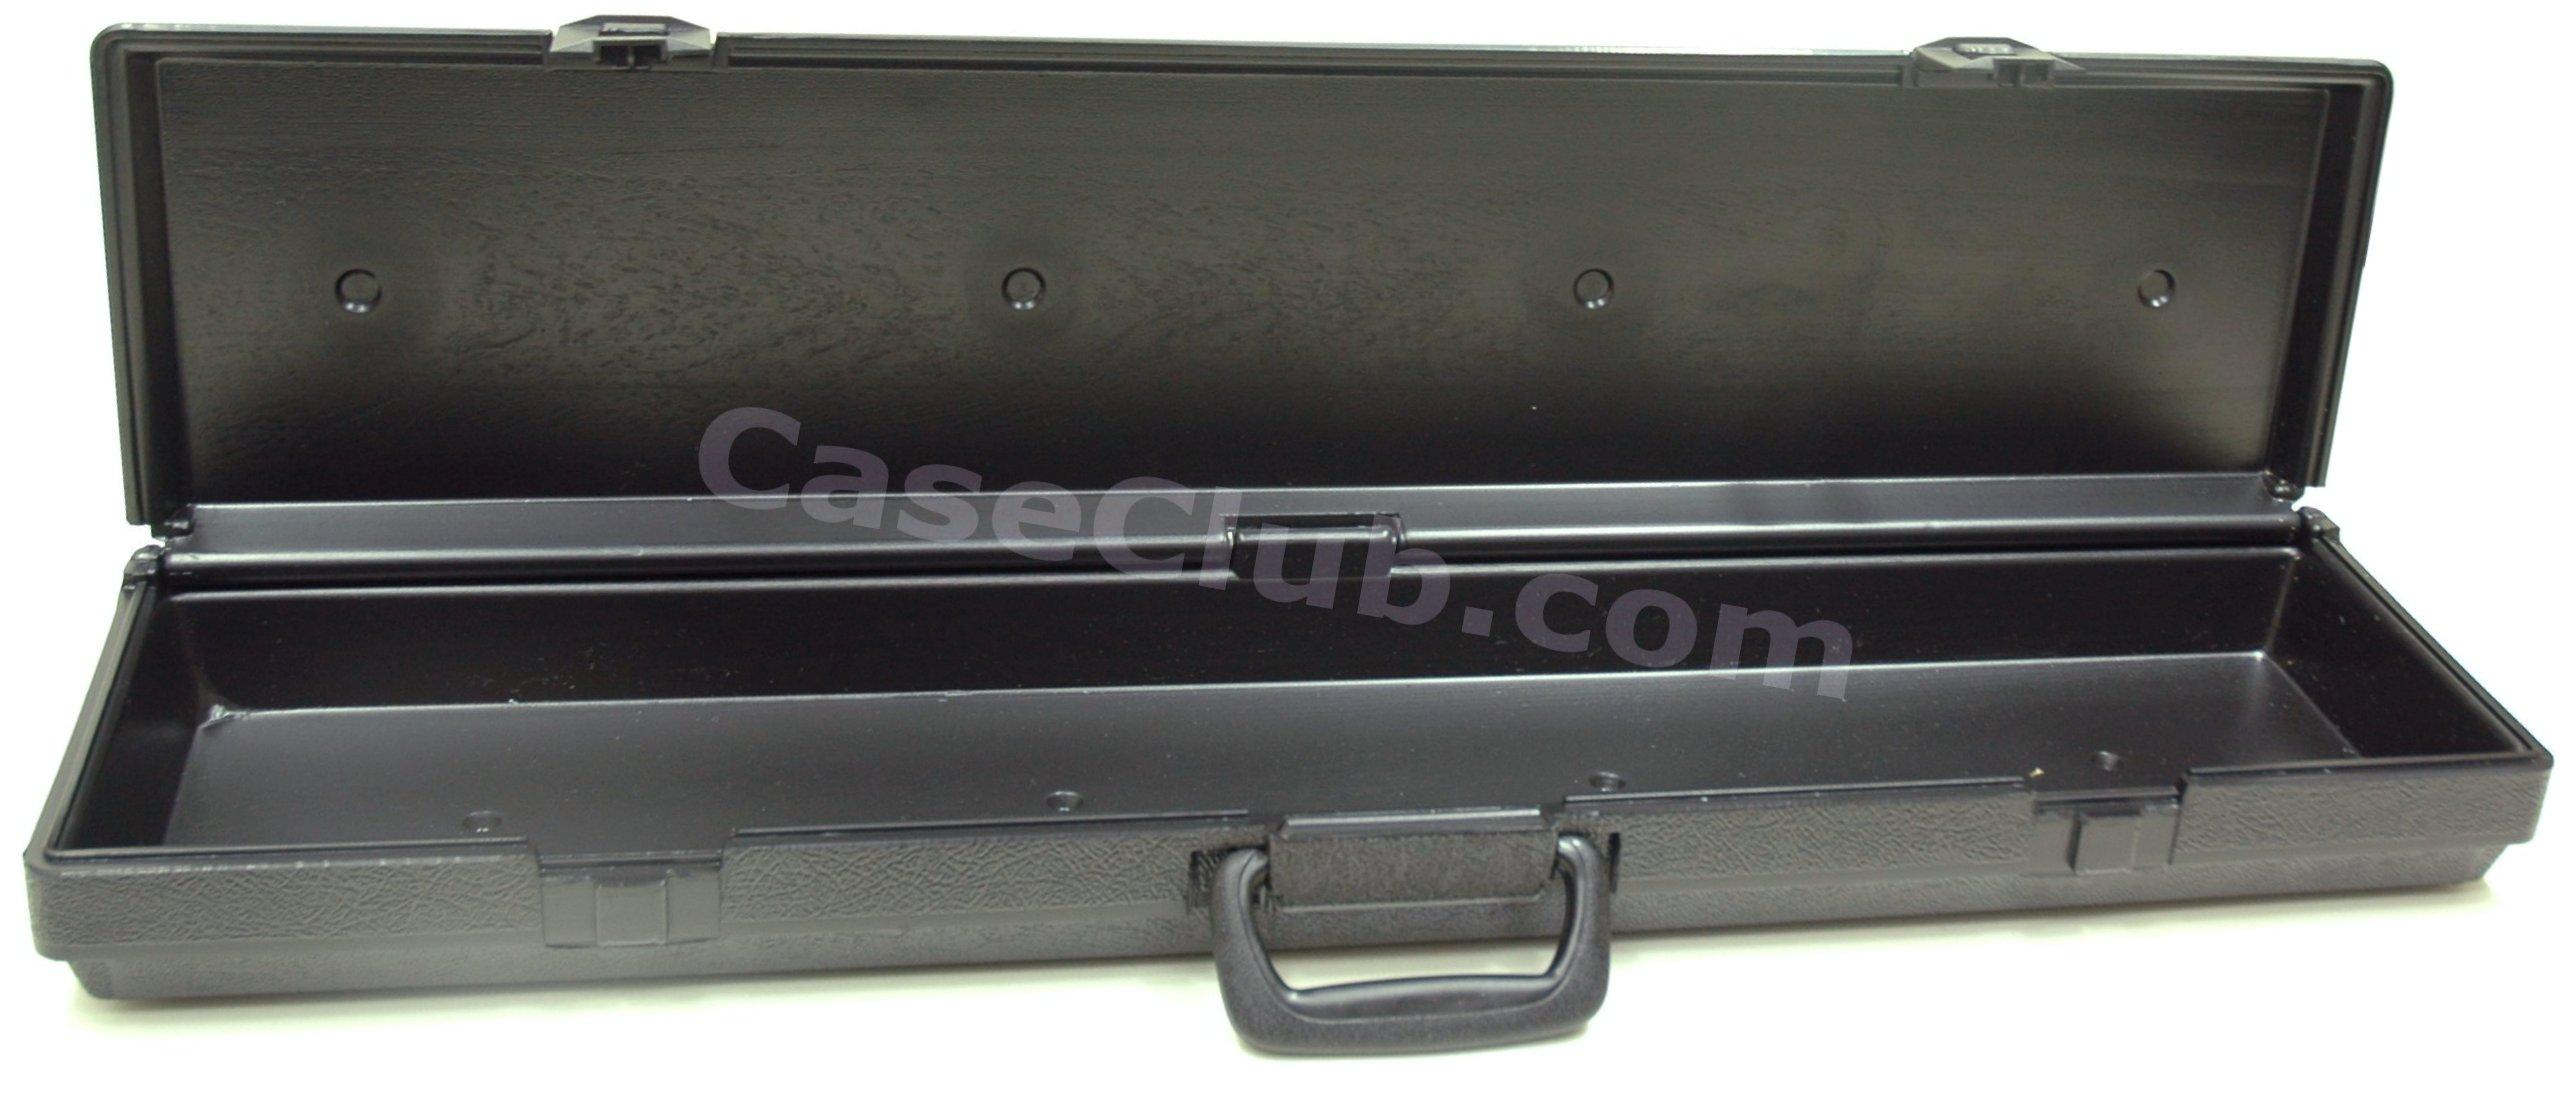 W33.5x8.0x3.75 Case